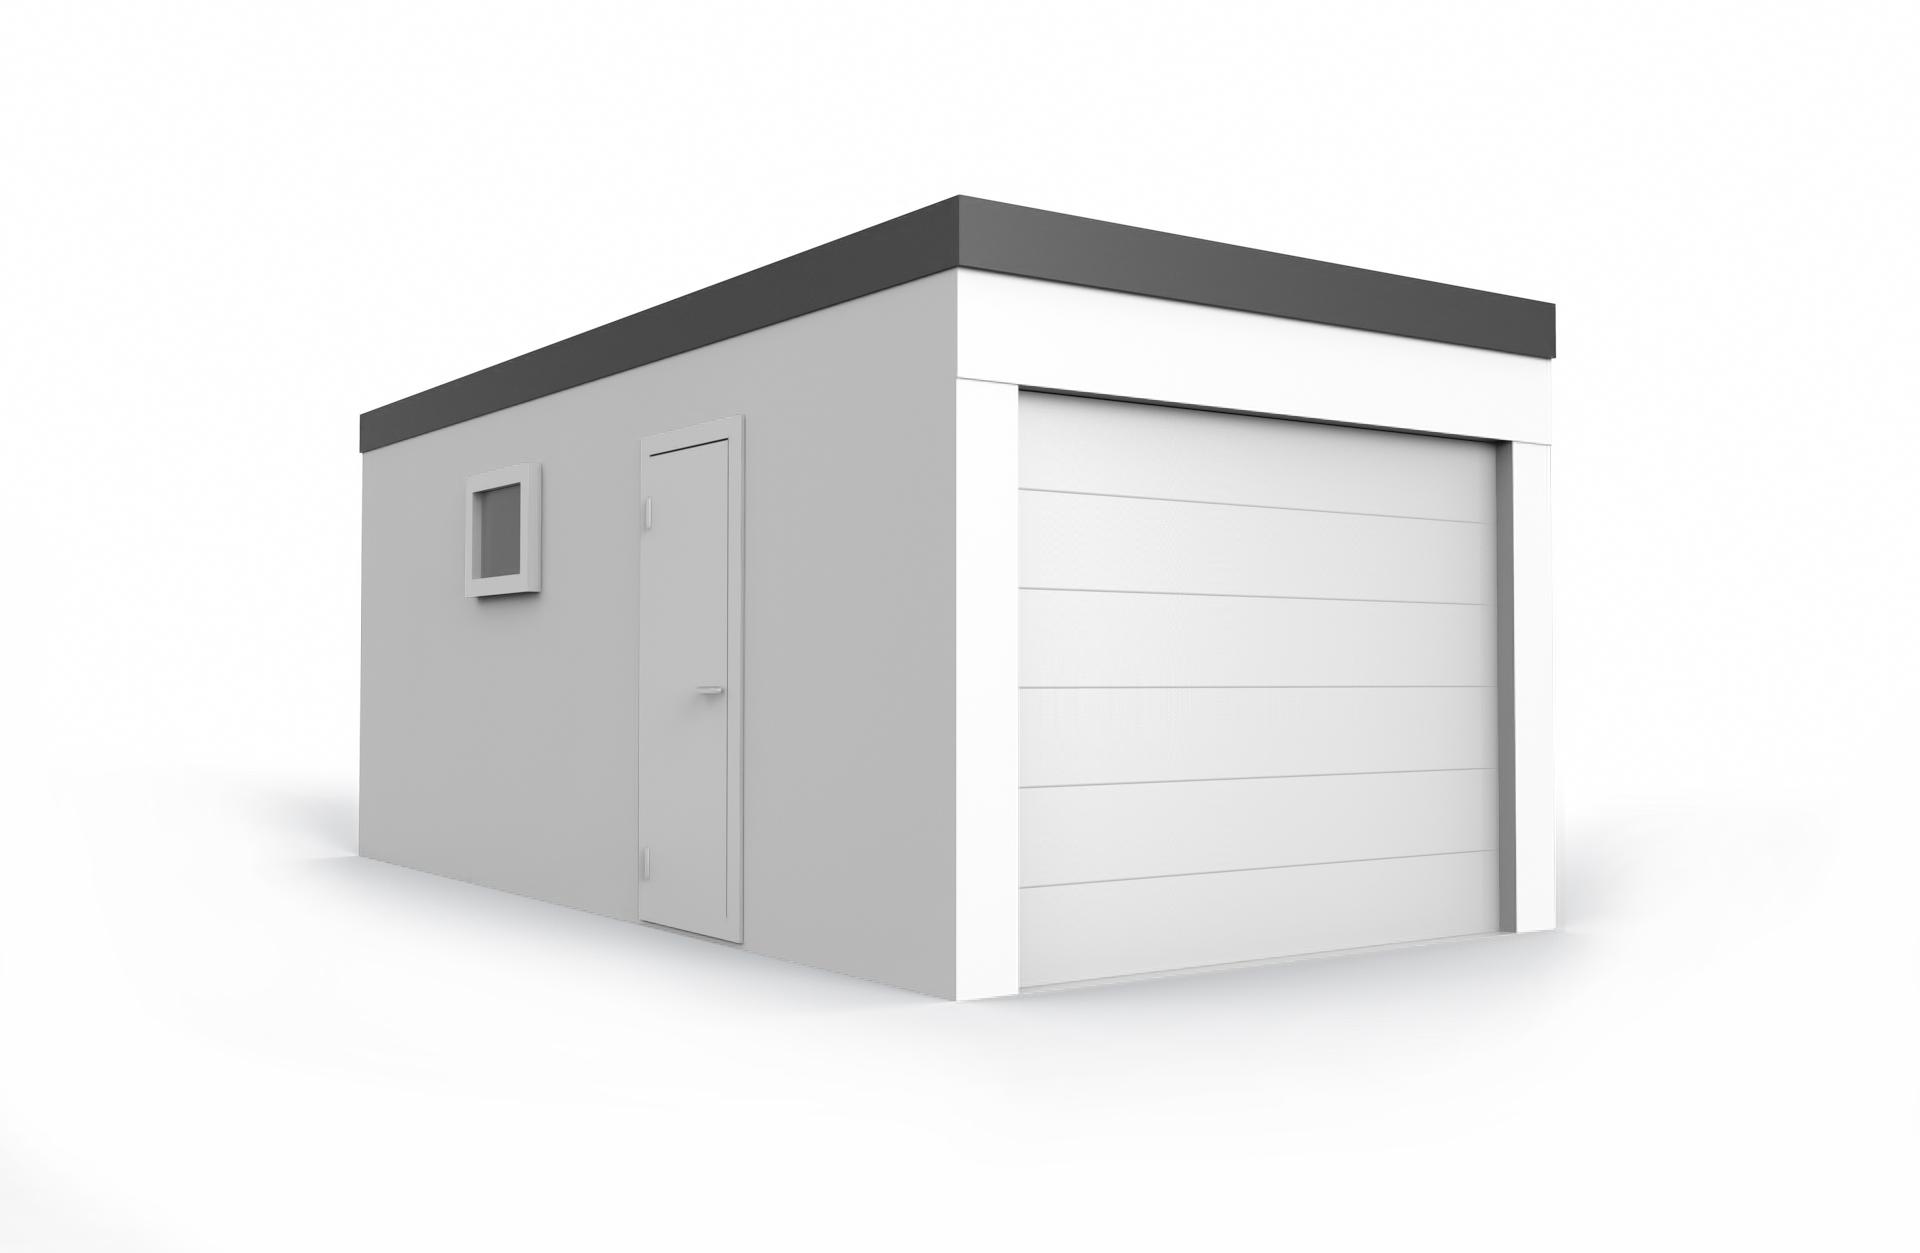 garagen kaufen einzelgaragen doppelgaragen. Black Bedroom Furniture Sets. Home Design Ideas